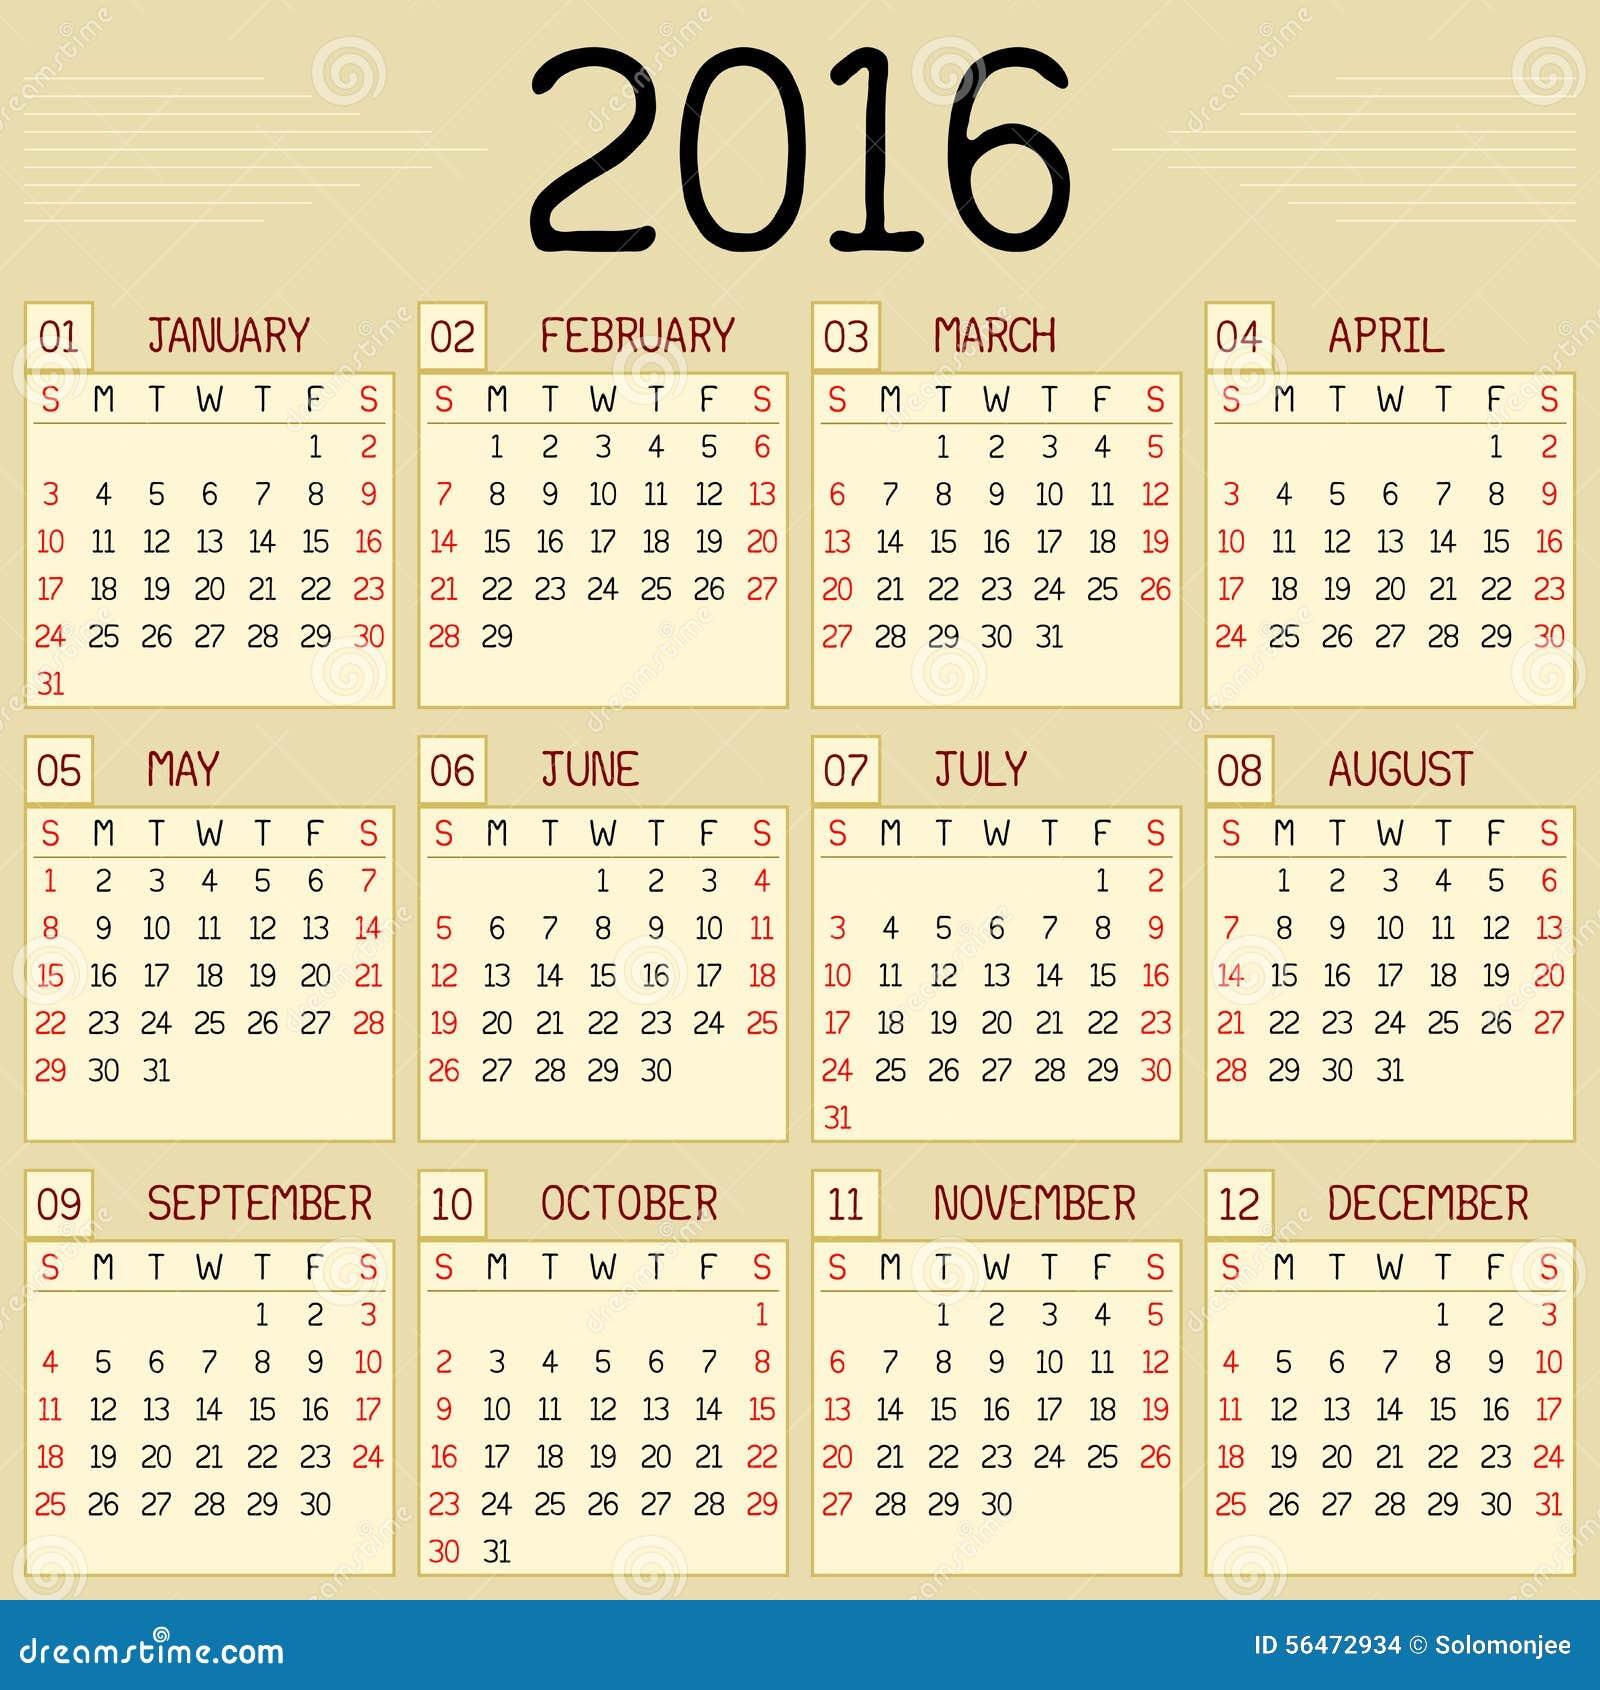 calendrier de l 39 ann e 2016 illustration de vecteur image 56472934. Black Bedroom Furniture Sets. Home Design Ideas